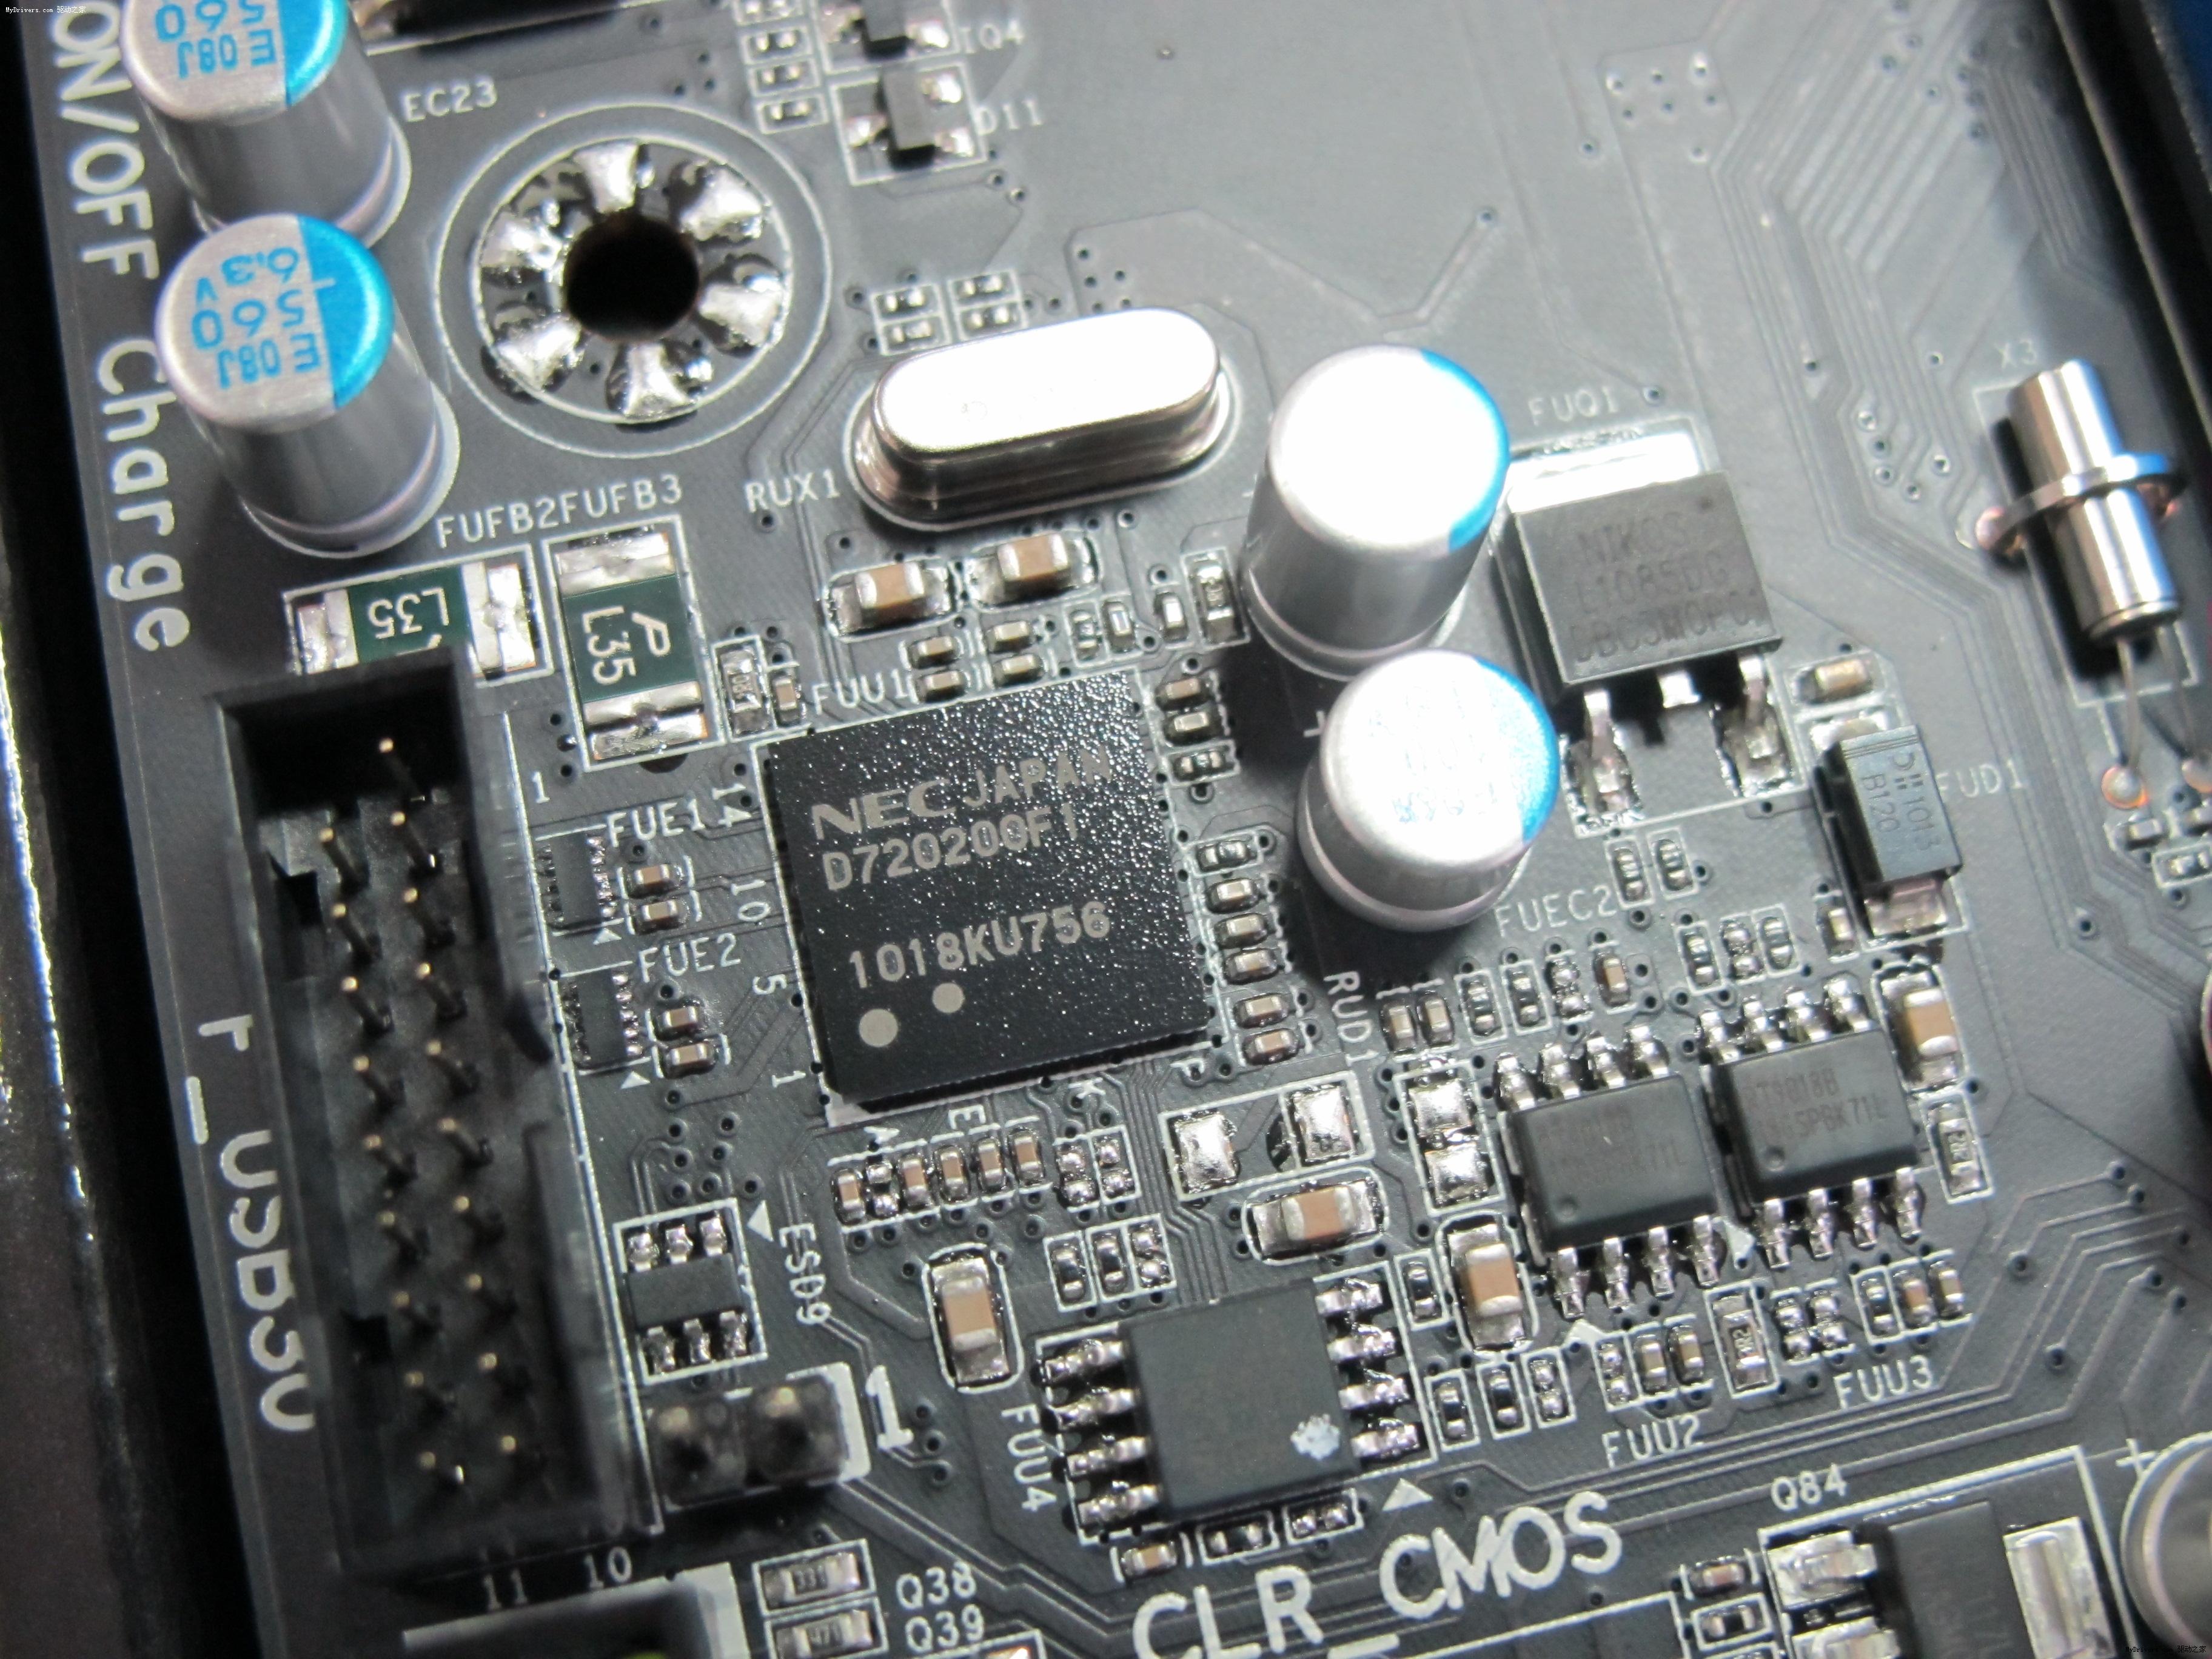 主板集成了2颗nec usb3.0控制芯片